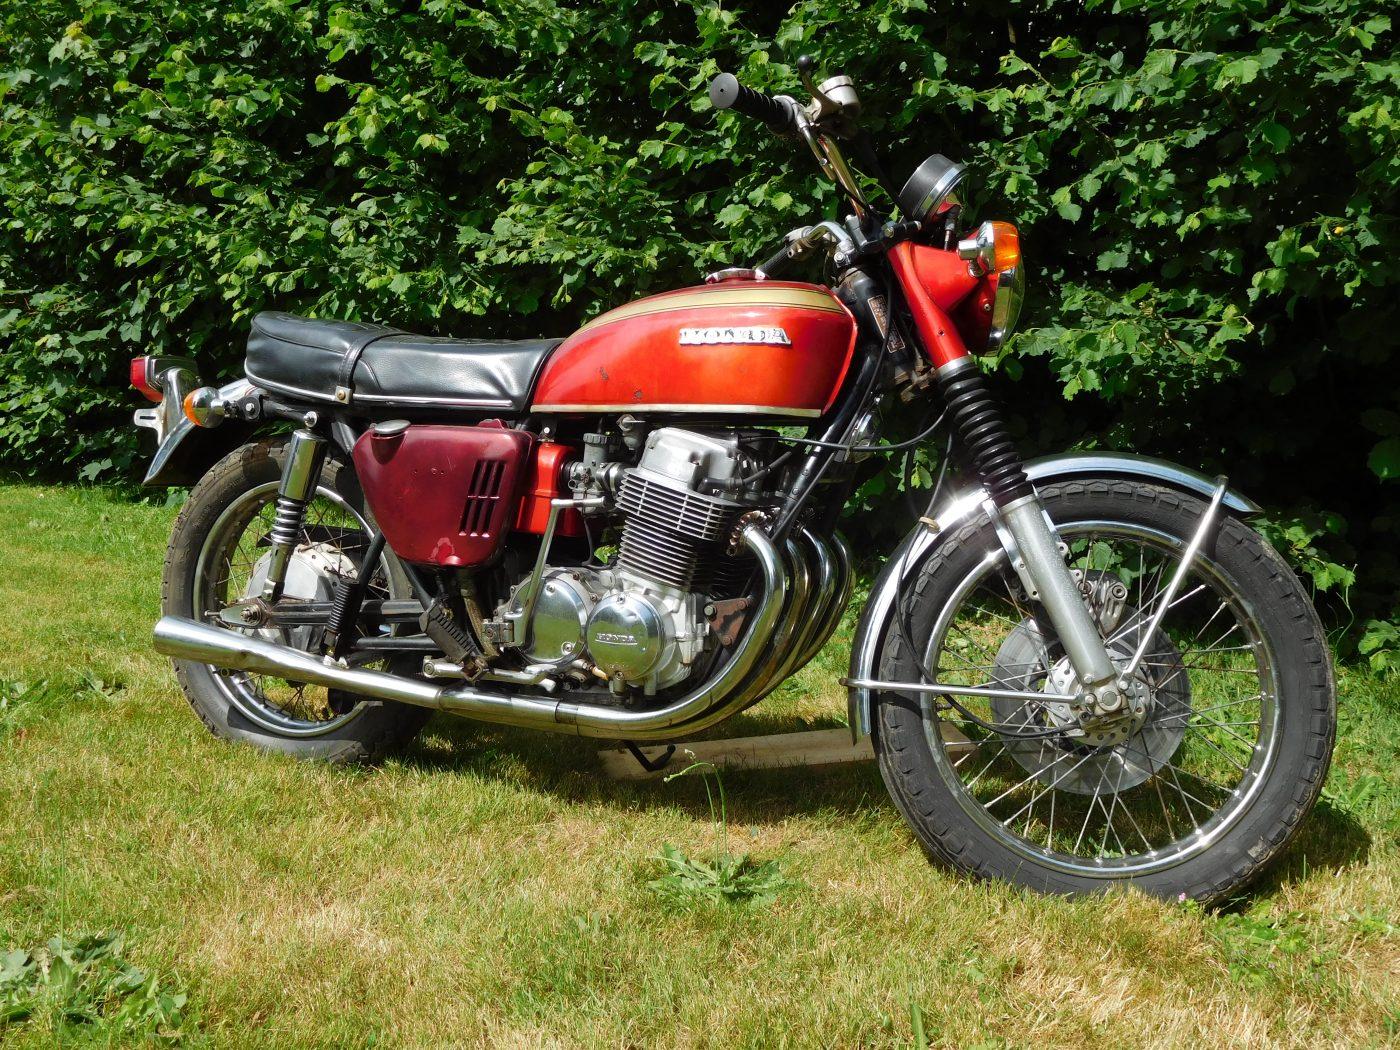 65-HONDA-CB-750-FOUR-K0-1970-